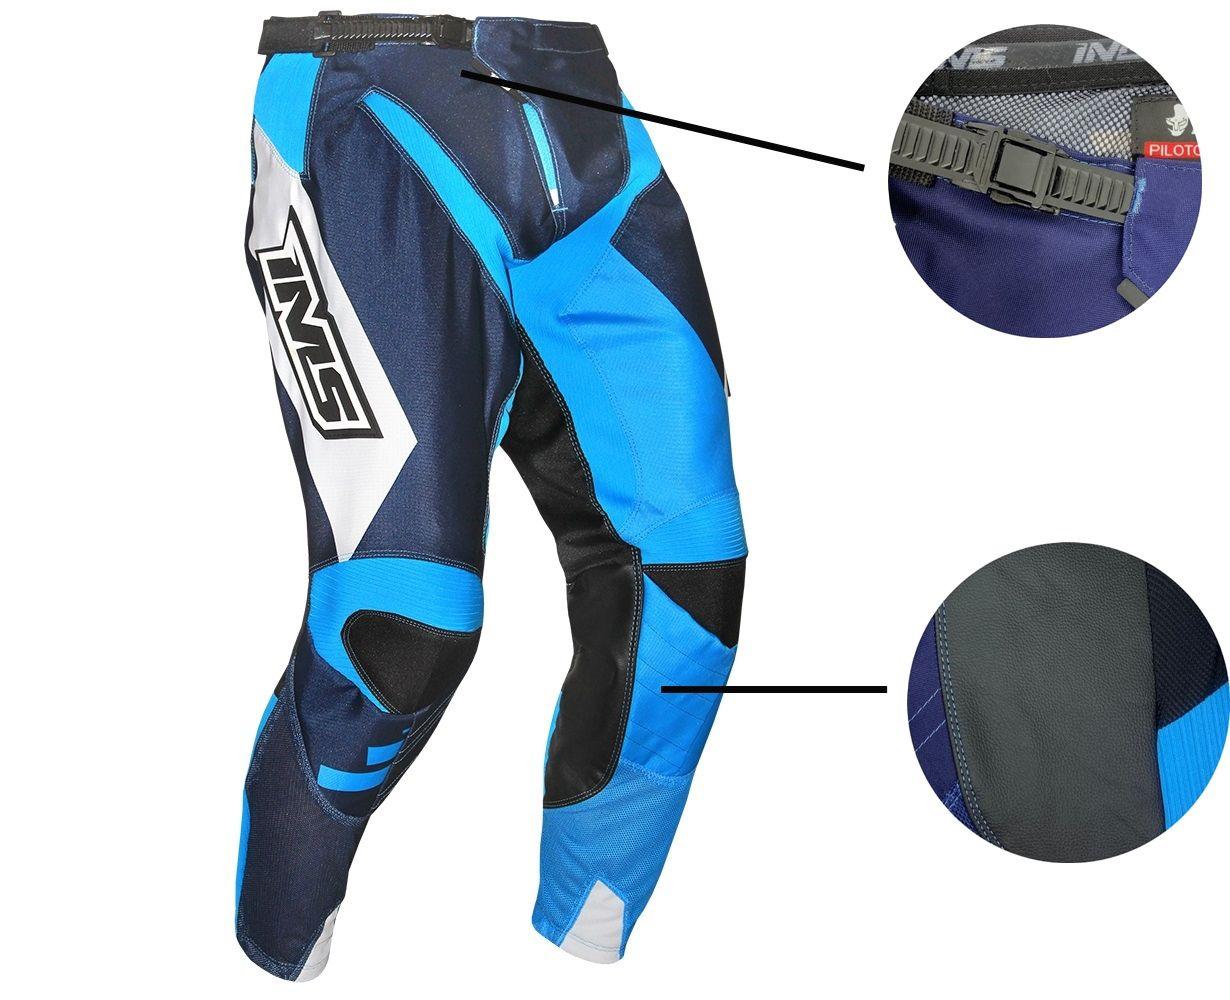 Calça Ims Sprint Azul Ventilada Reforçada Motocross Trilha Enduro